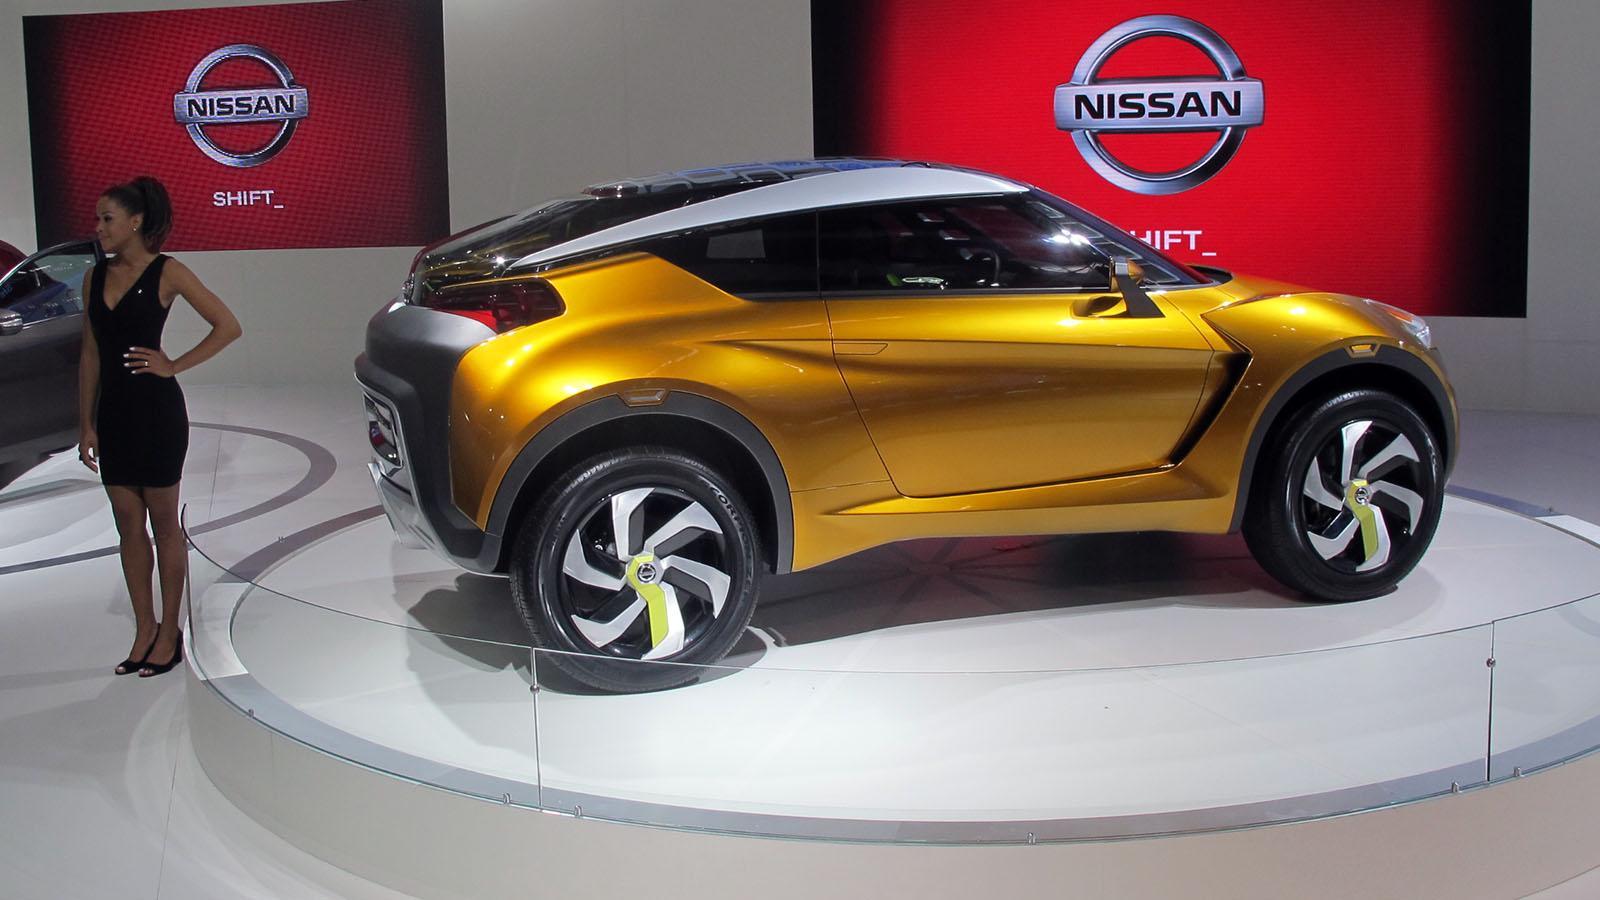 Nissan extrem concept se presenta en el saln de san pablo 2012 nissan concept extreme en el saln de san pablo vanachro Gallery